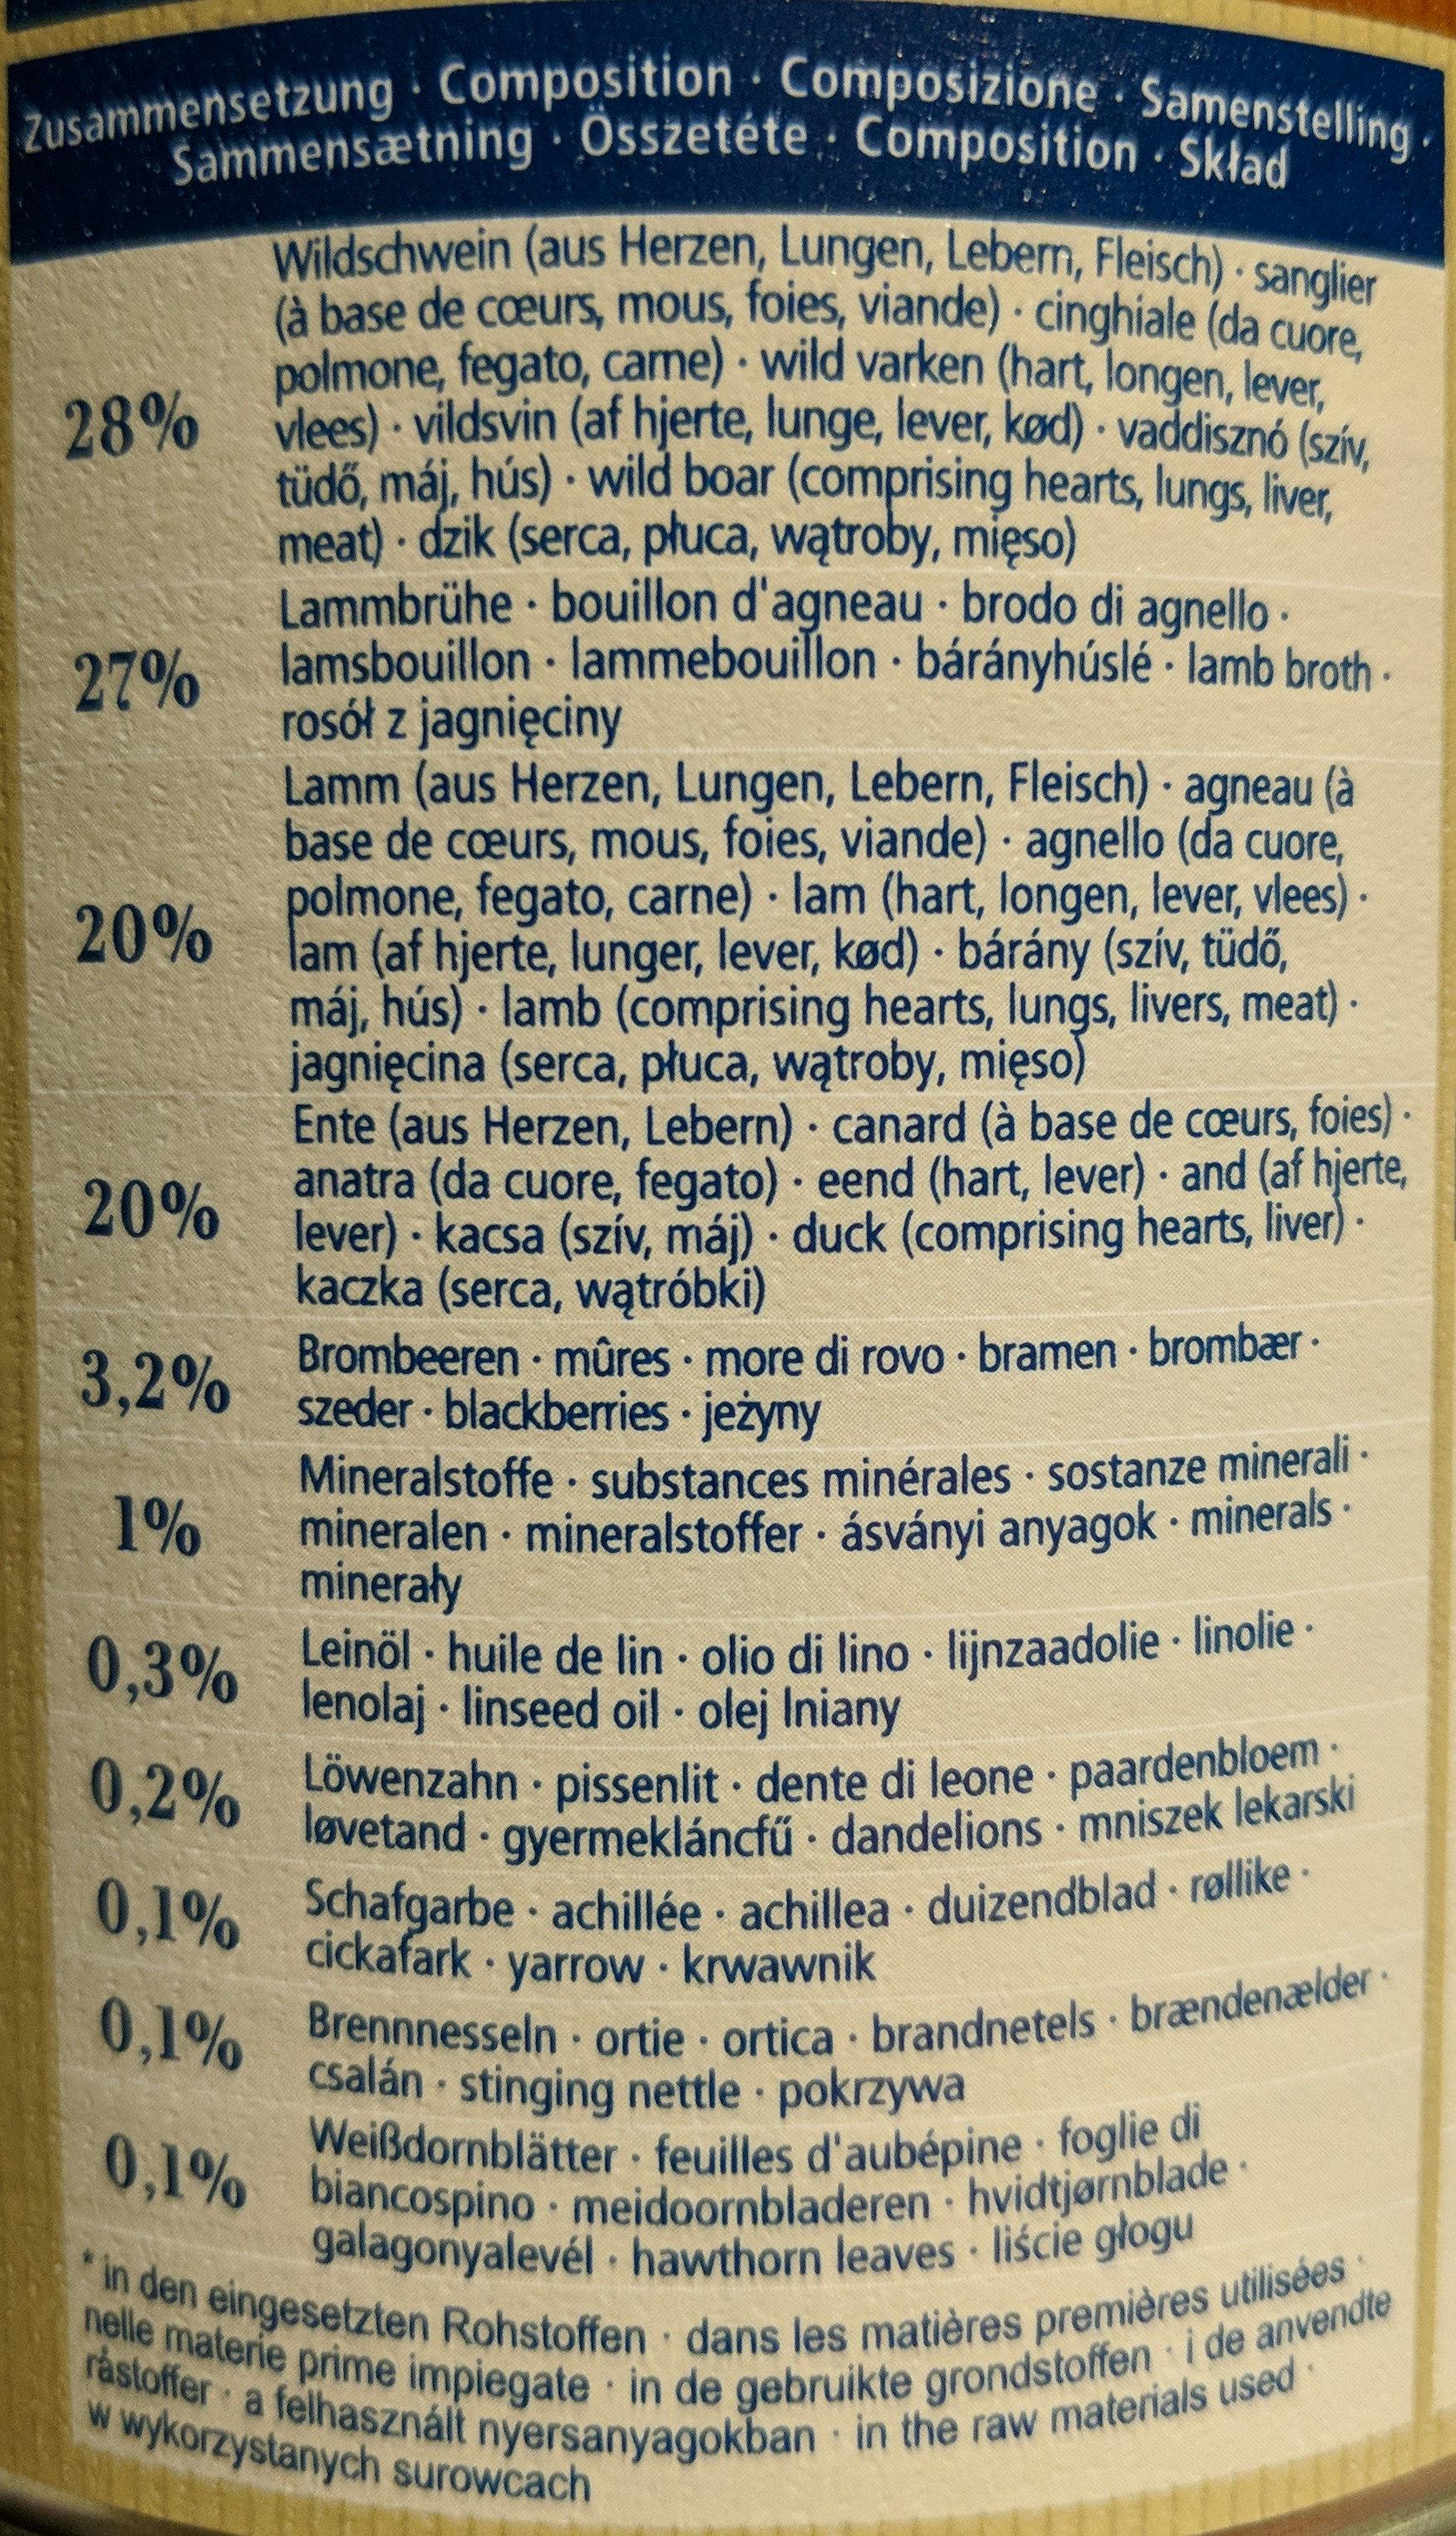 Wide Savannah - Ingredients - fr